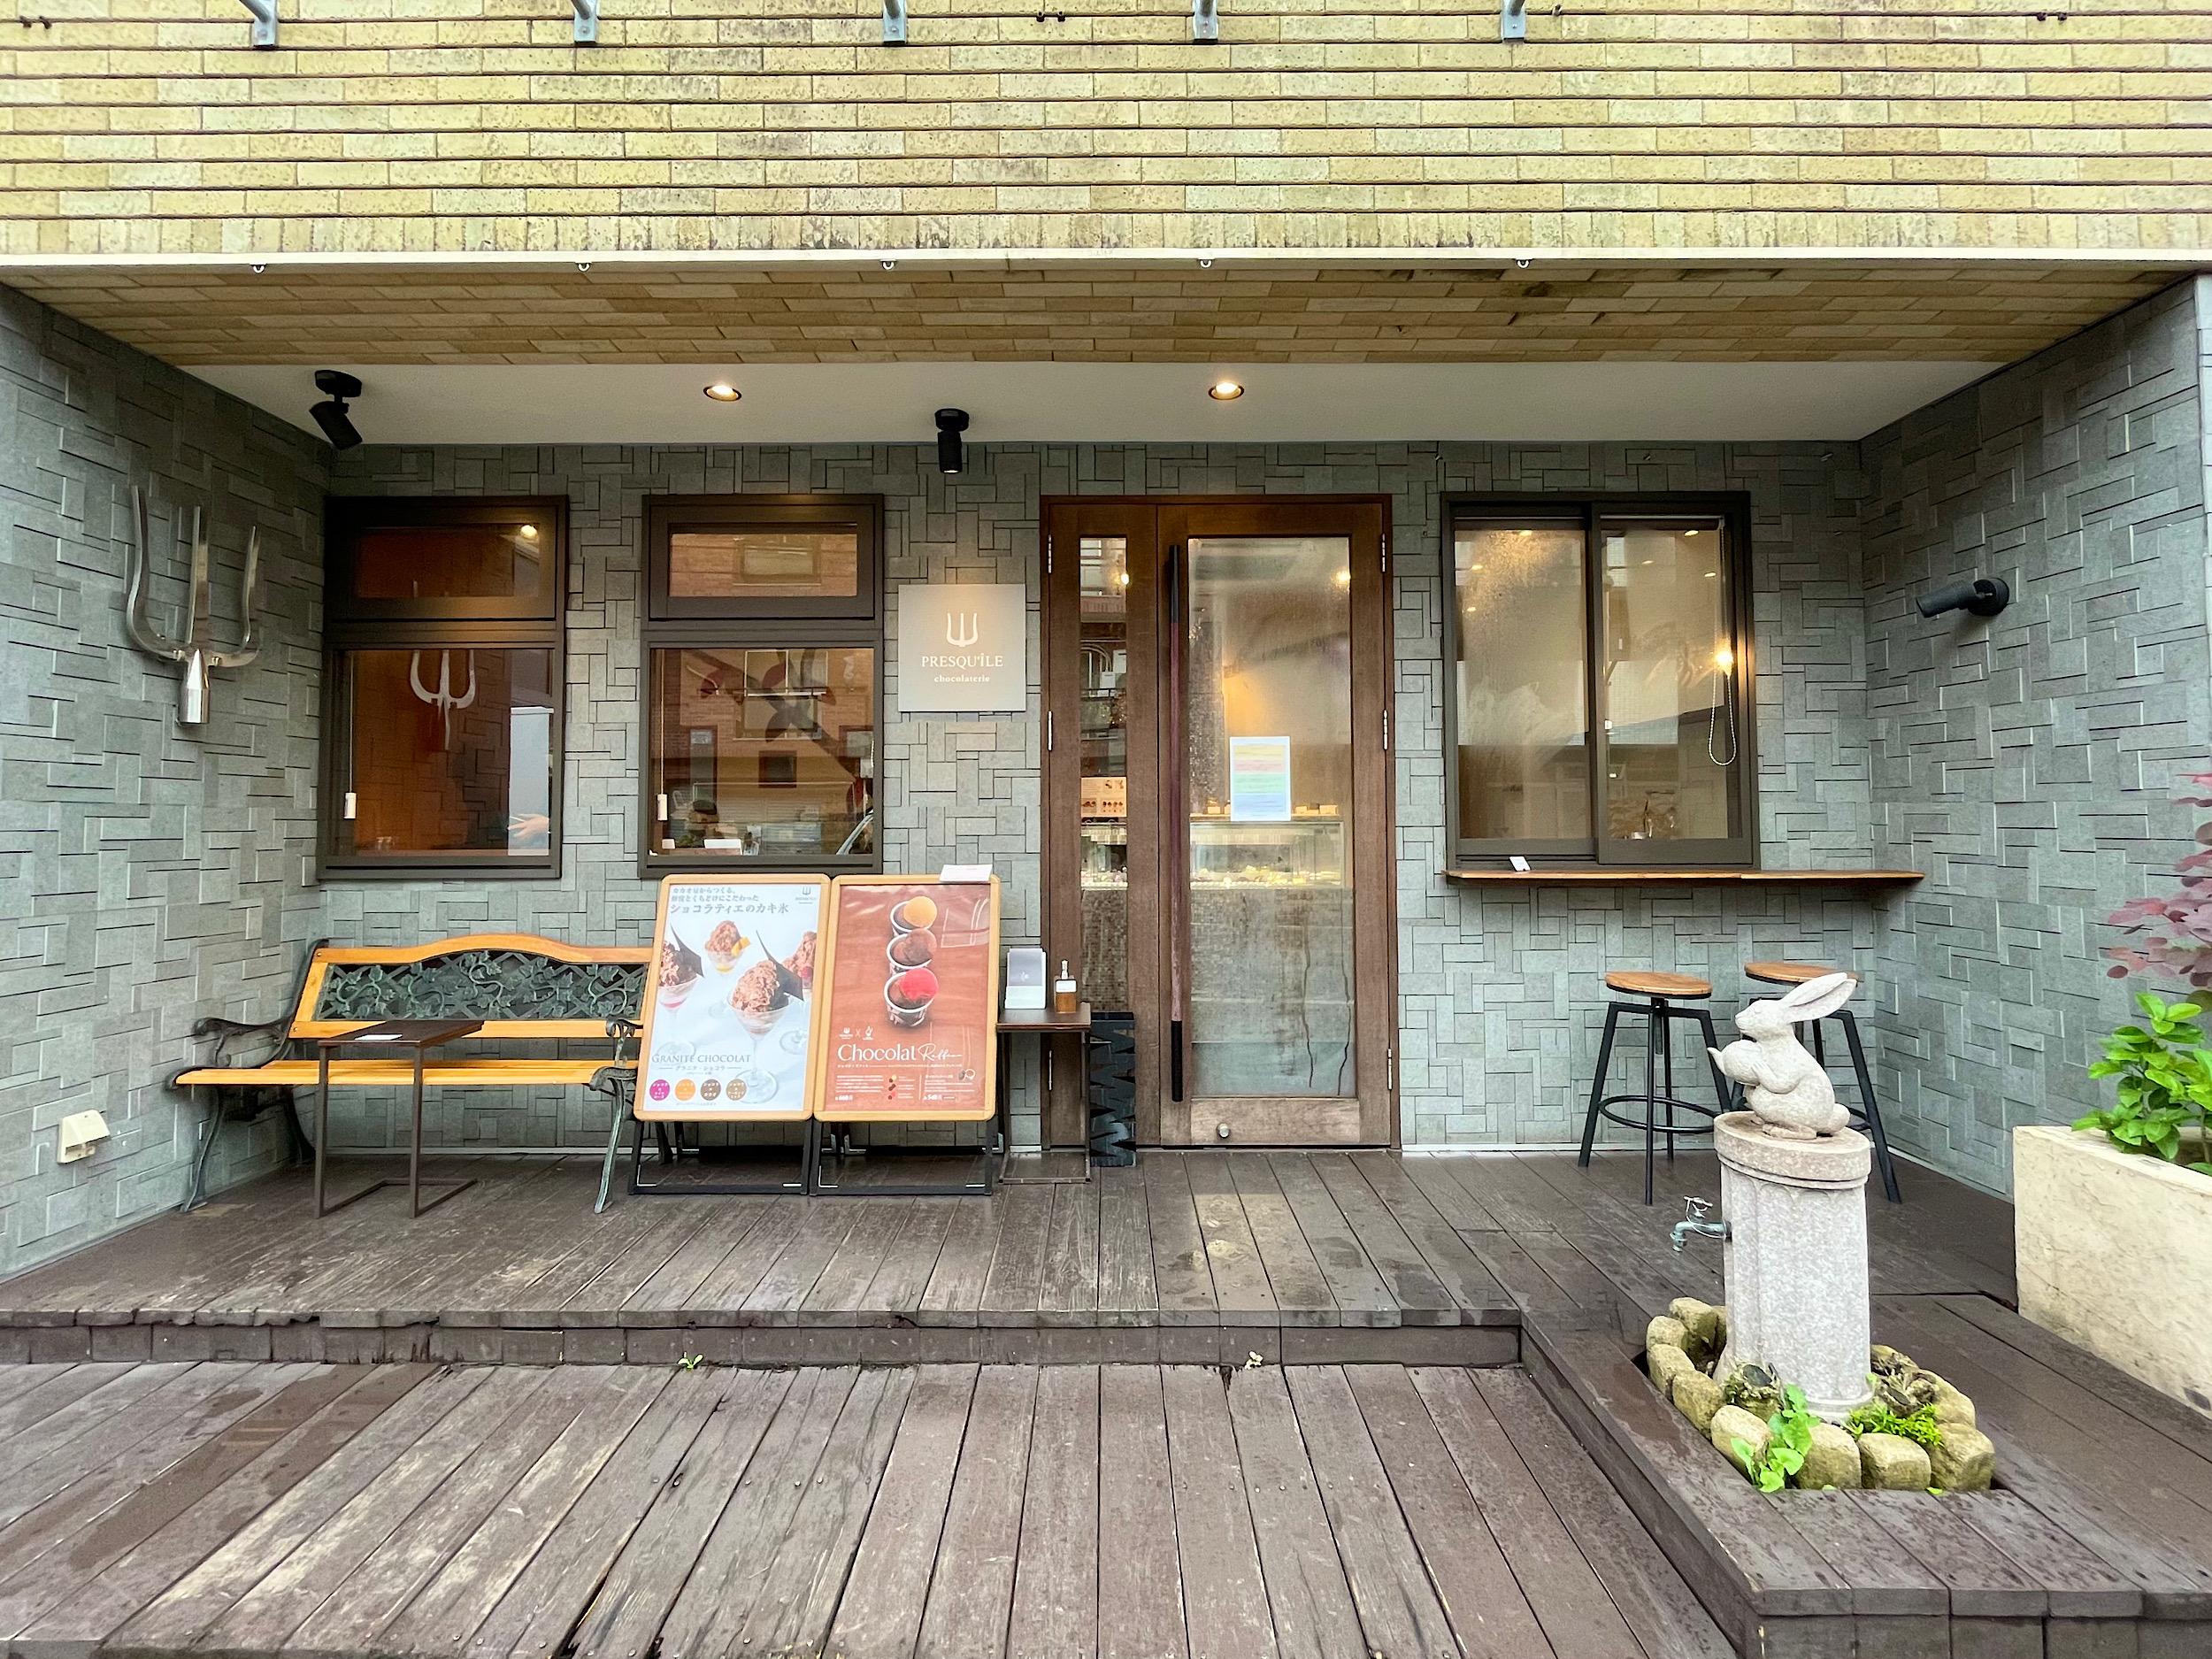 吉祥寺のチョコレート店「プレスキルショコラトリー」